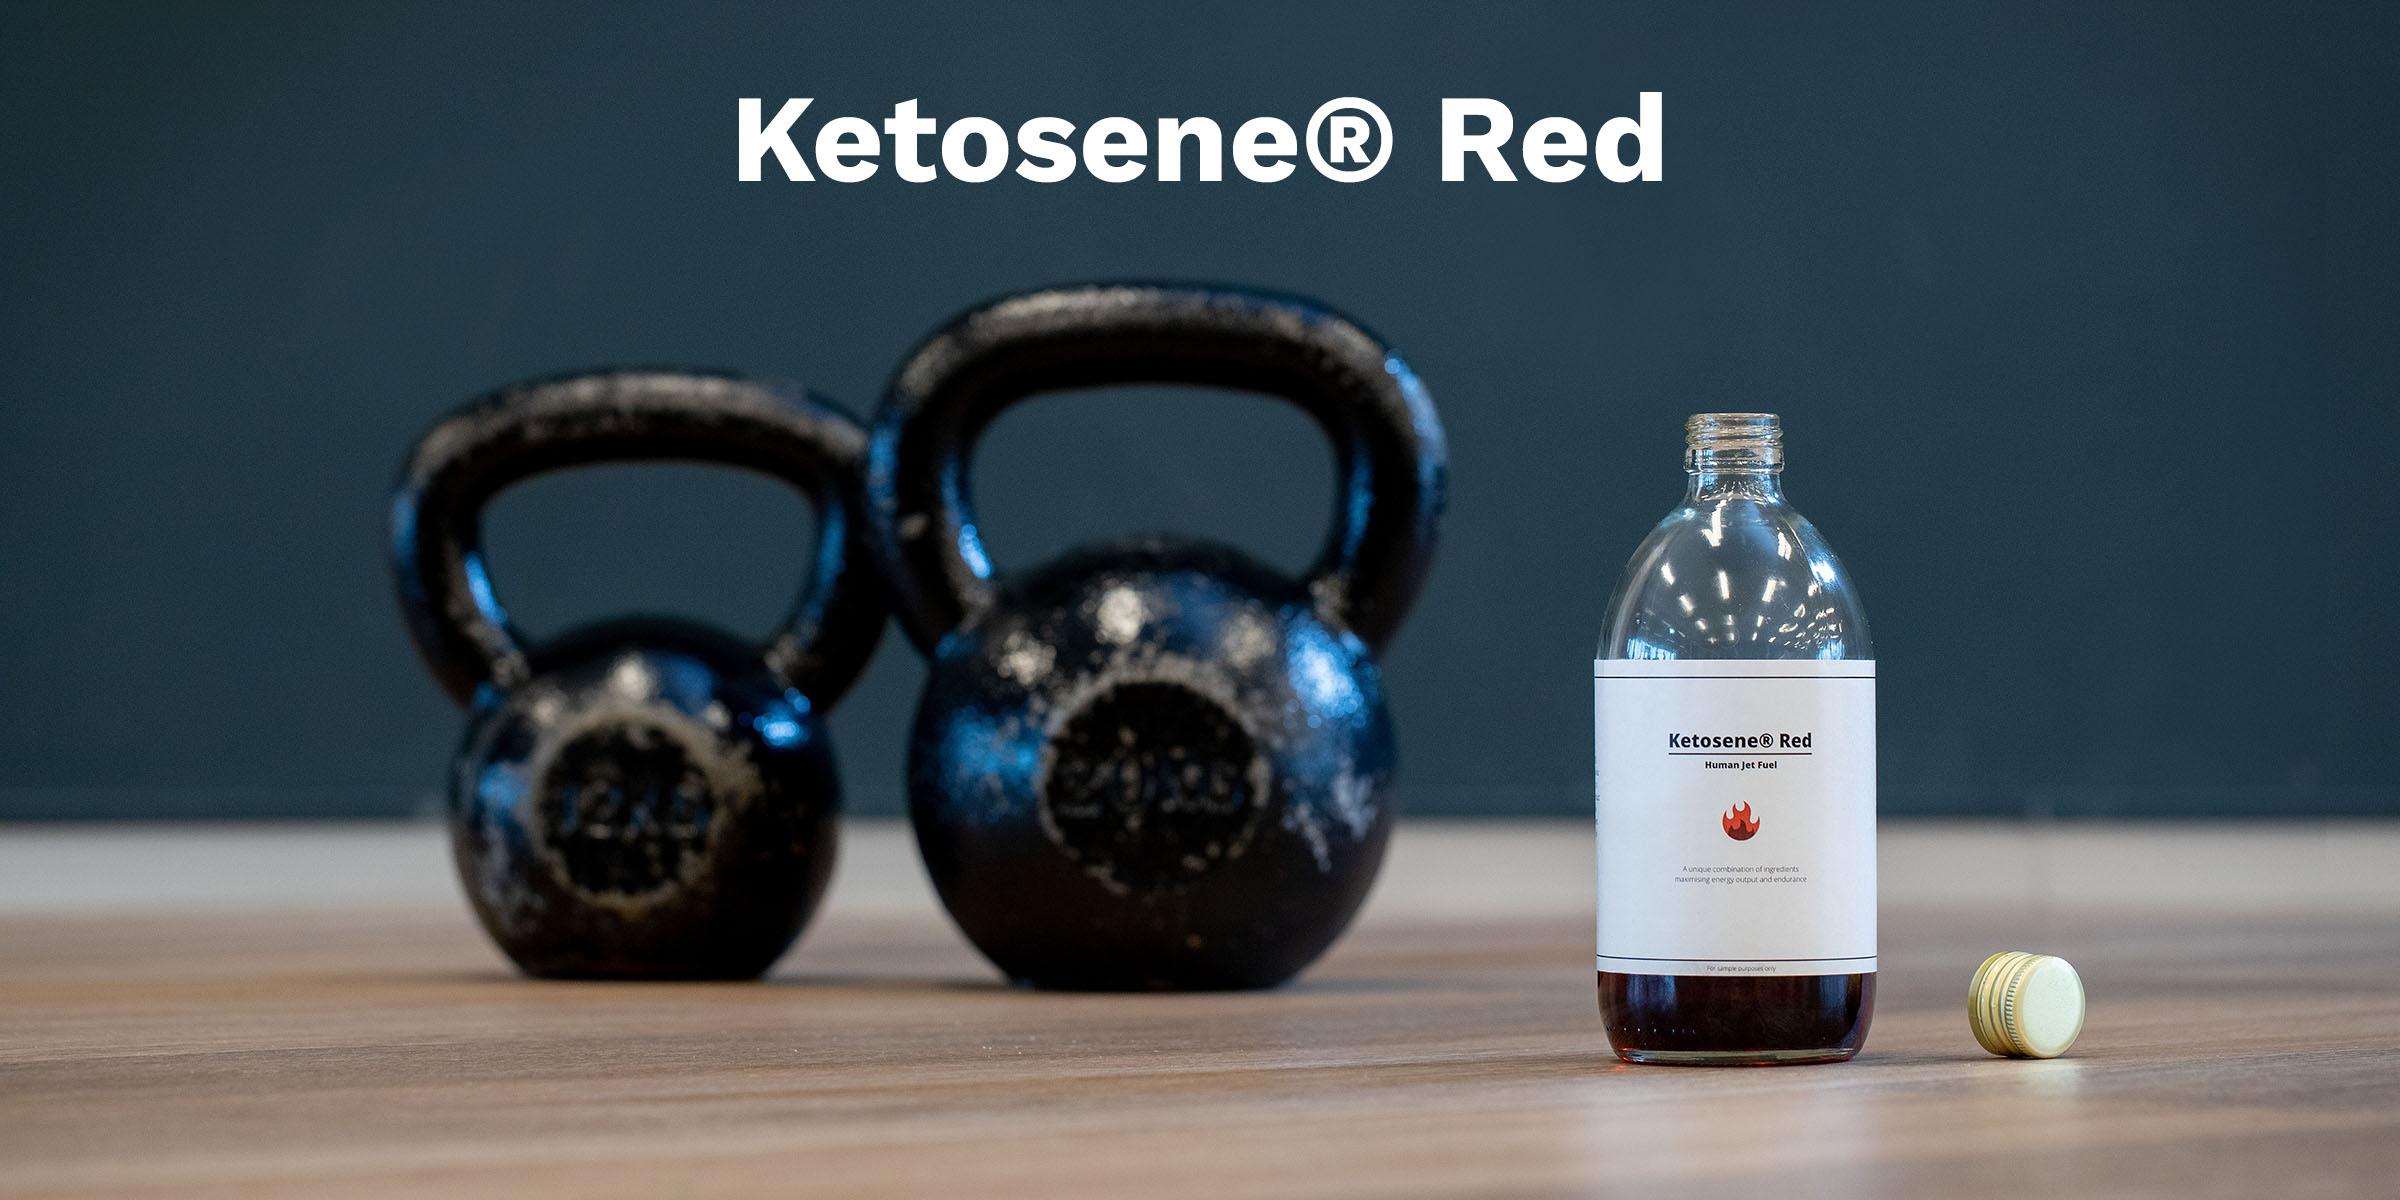 Ketosene Red